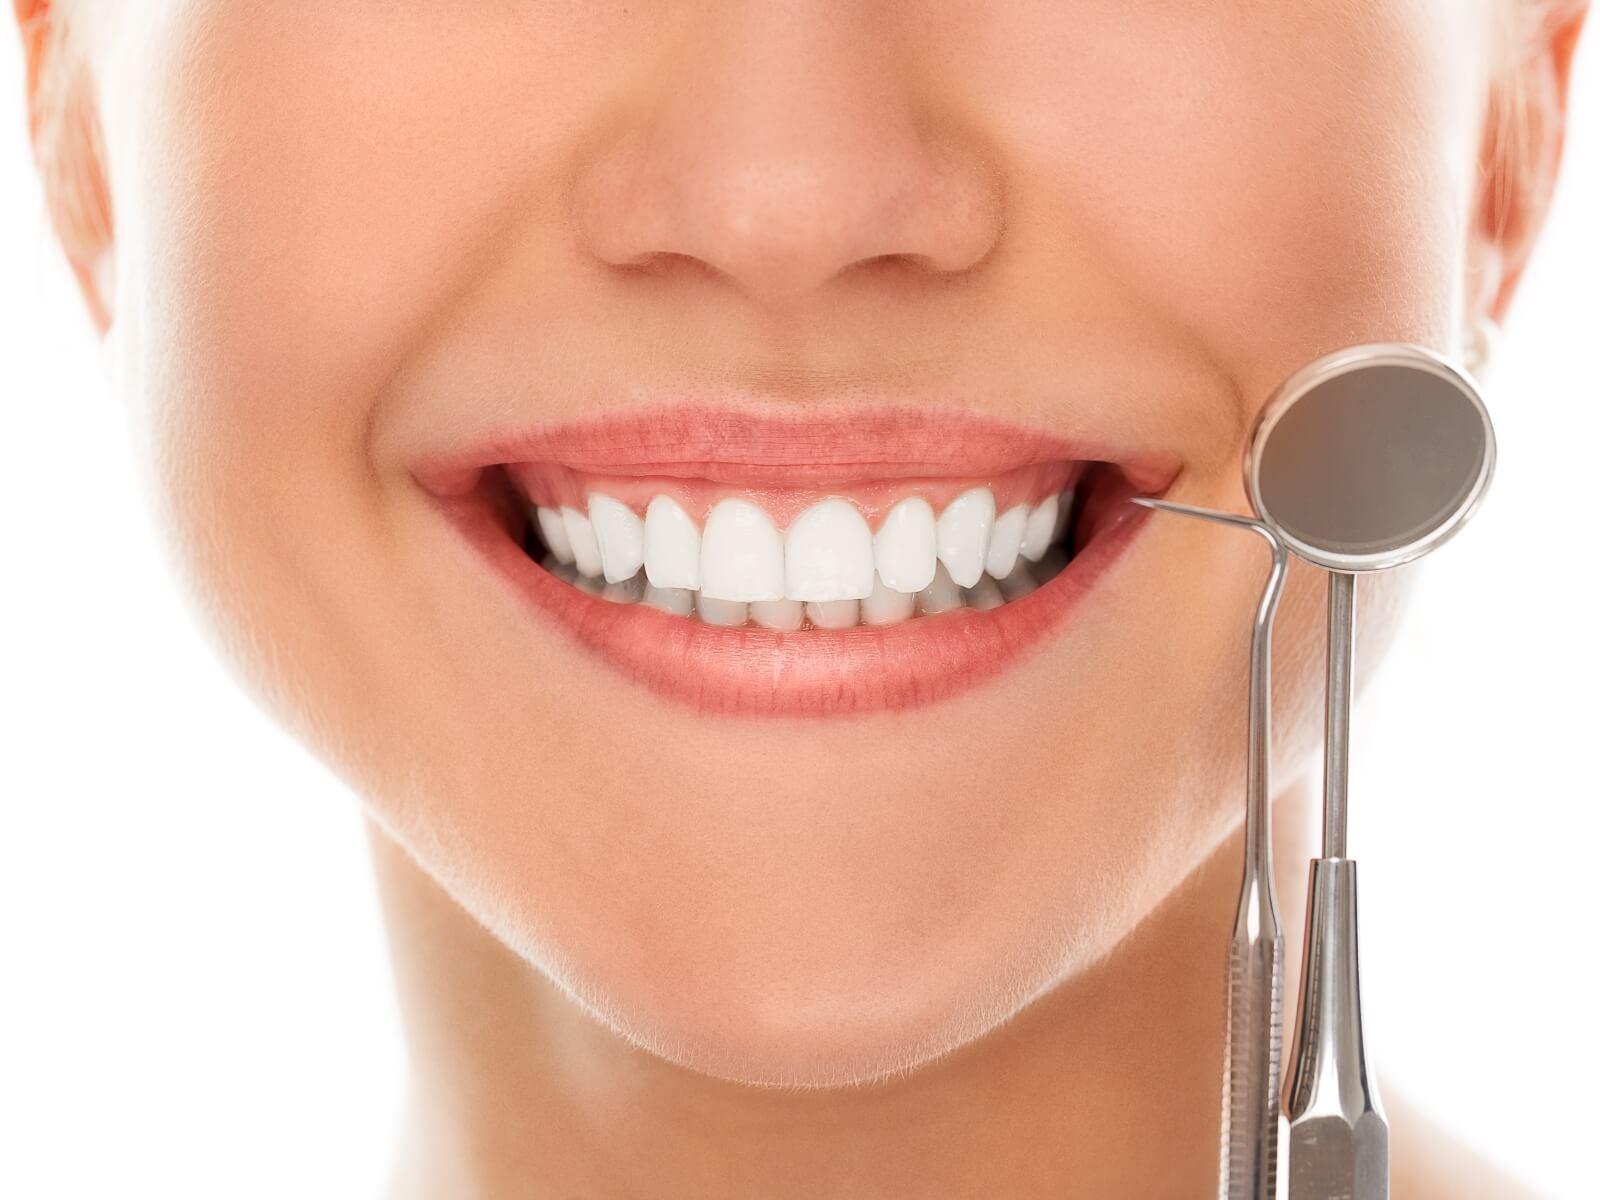 alta estetica - sorriso migliore denti bianchi